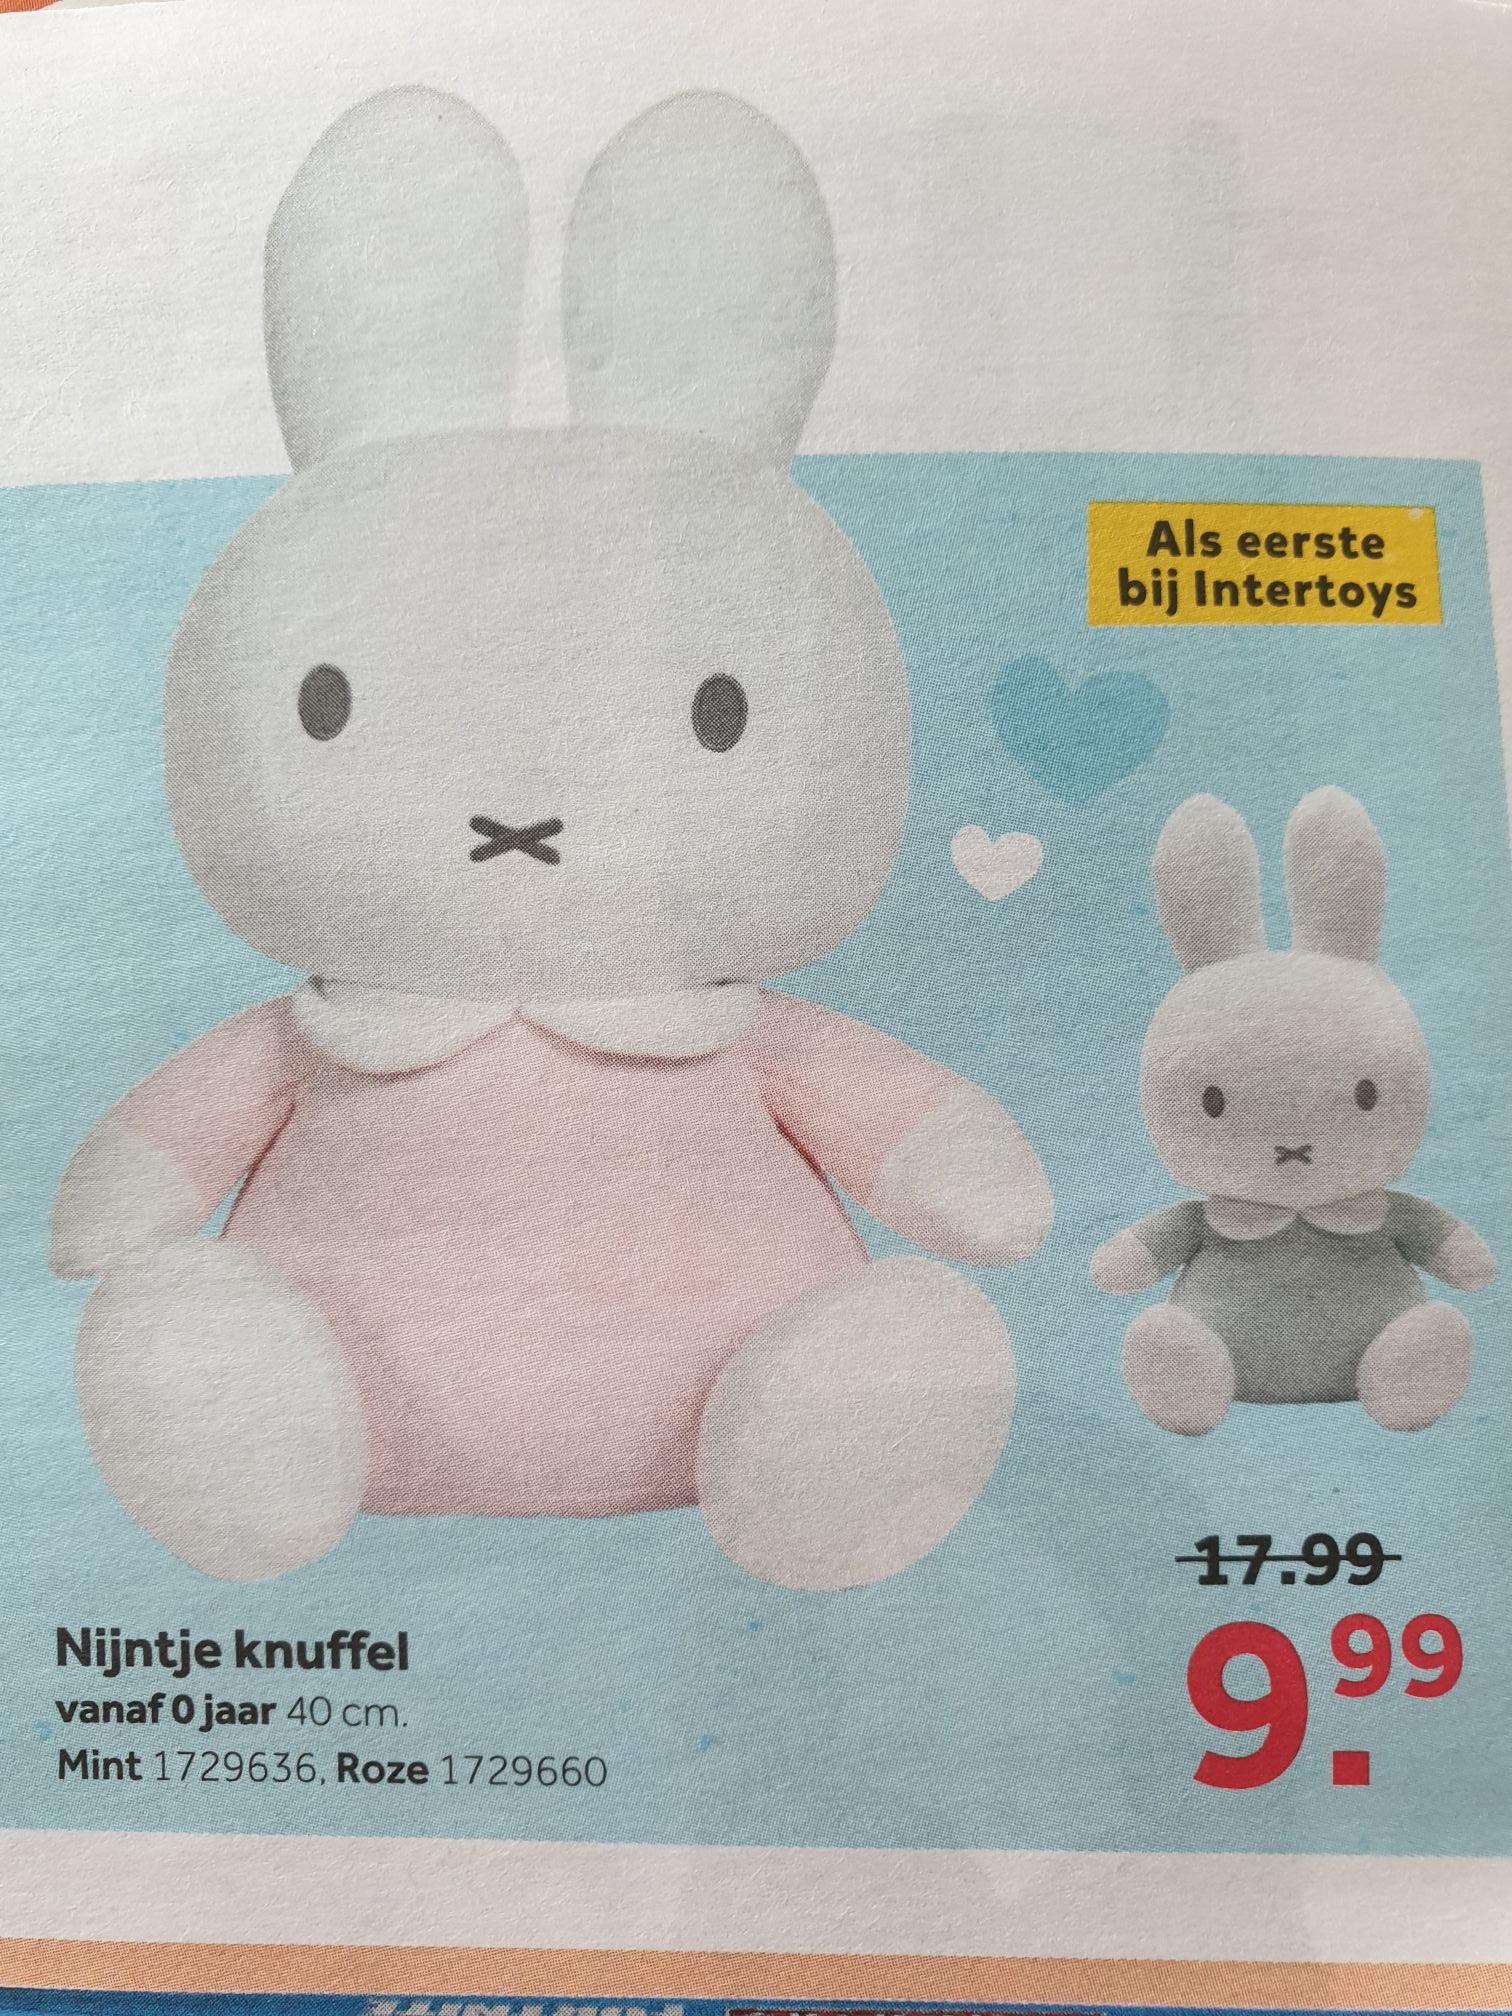 Nijntje knuffel van 40 cm in mint en roze afgeprijsd van € 17,99 naar € 9,99